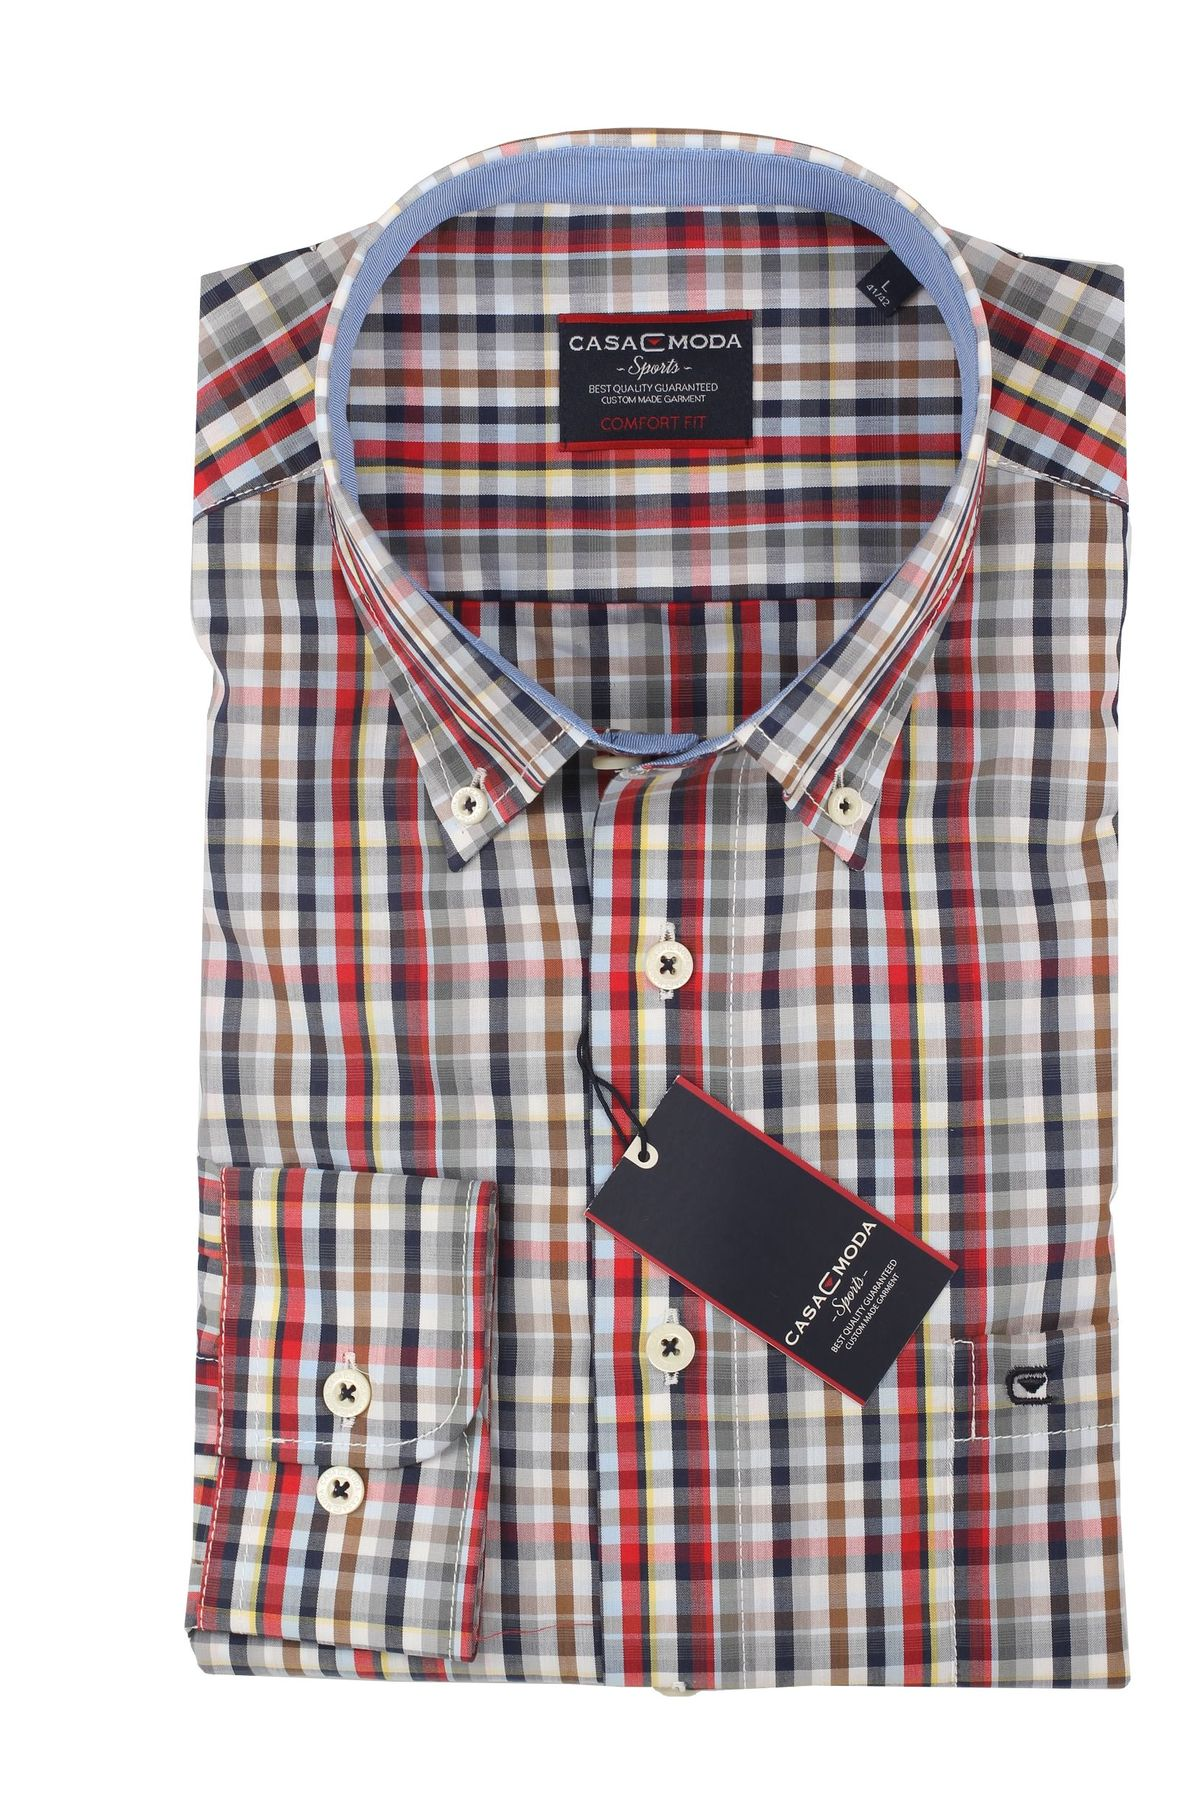 Casa Moda - Comfort Fit - Herren Hemd mit Karo Muster und Button Down Kragen (462722800 A) – Bild 11